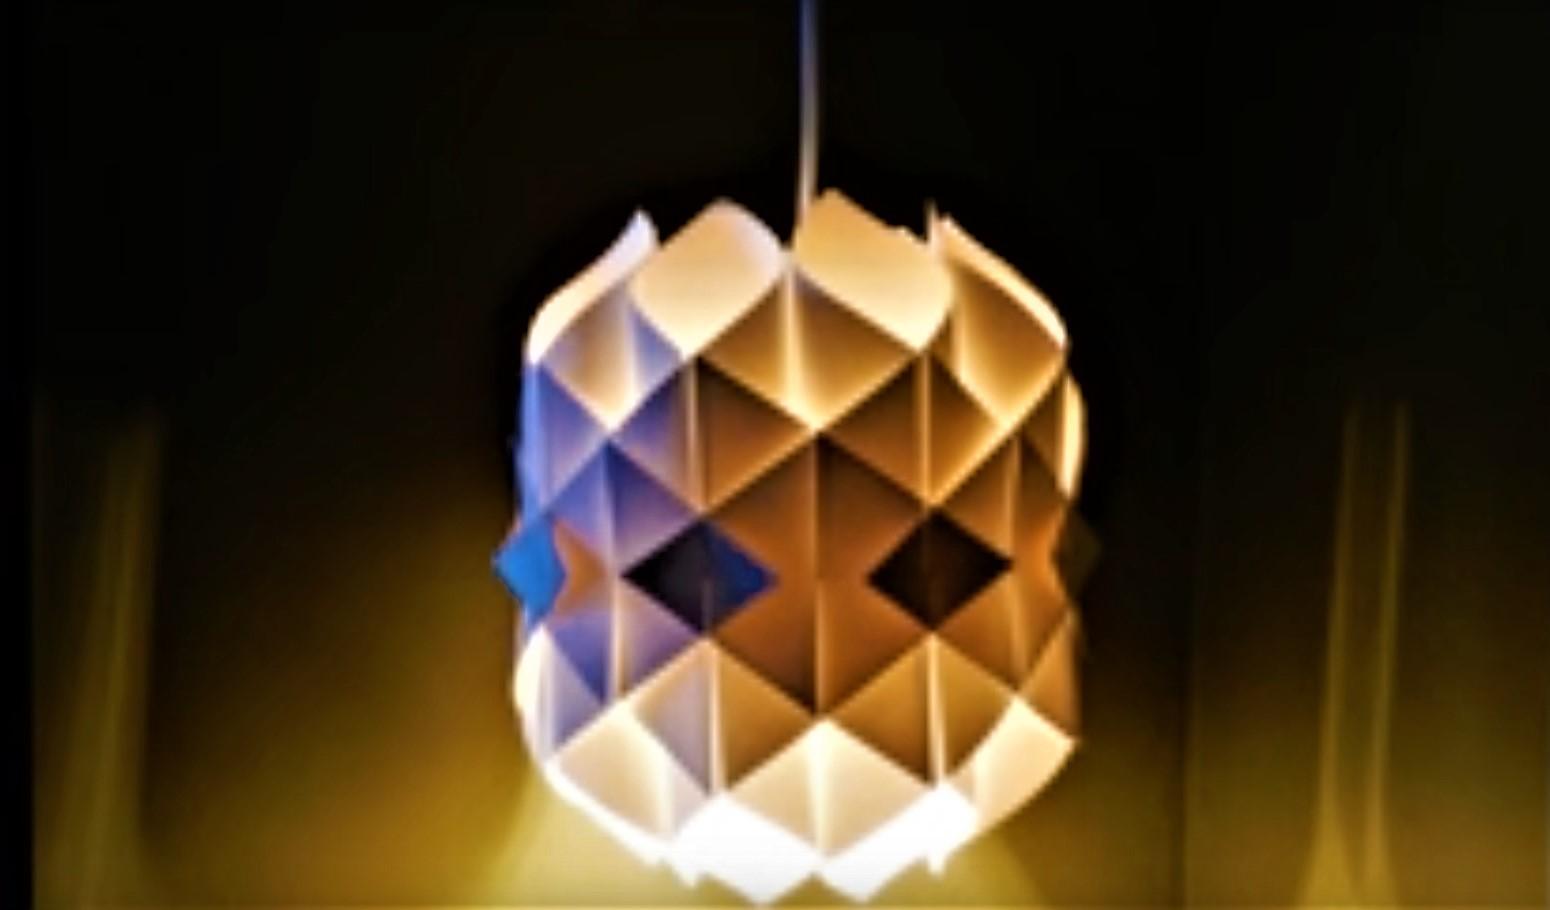 Lampadari Di Carta On Line : Come si realizza in carta uno splendido lampadario con luce